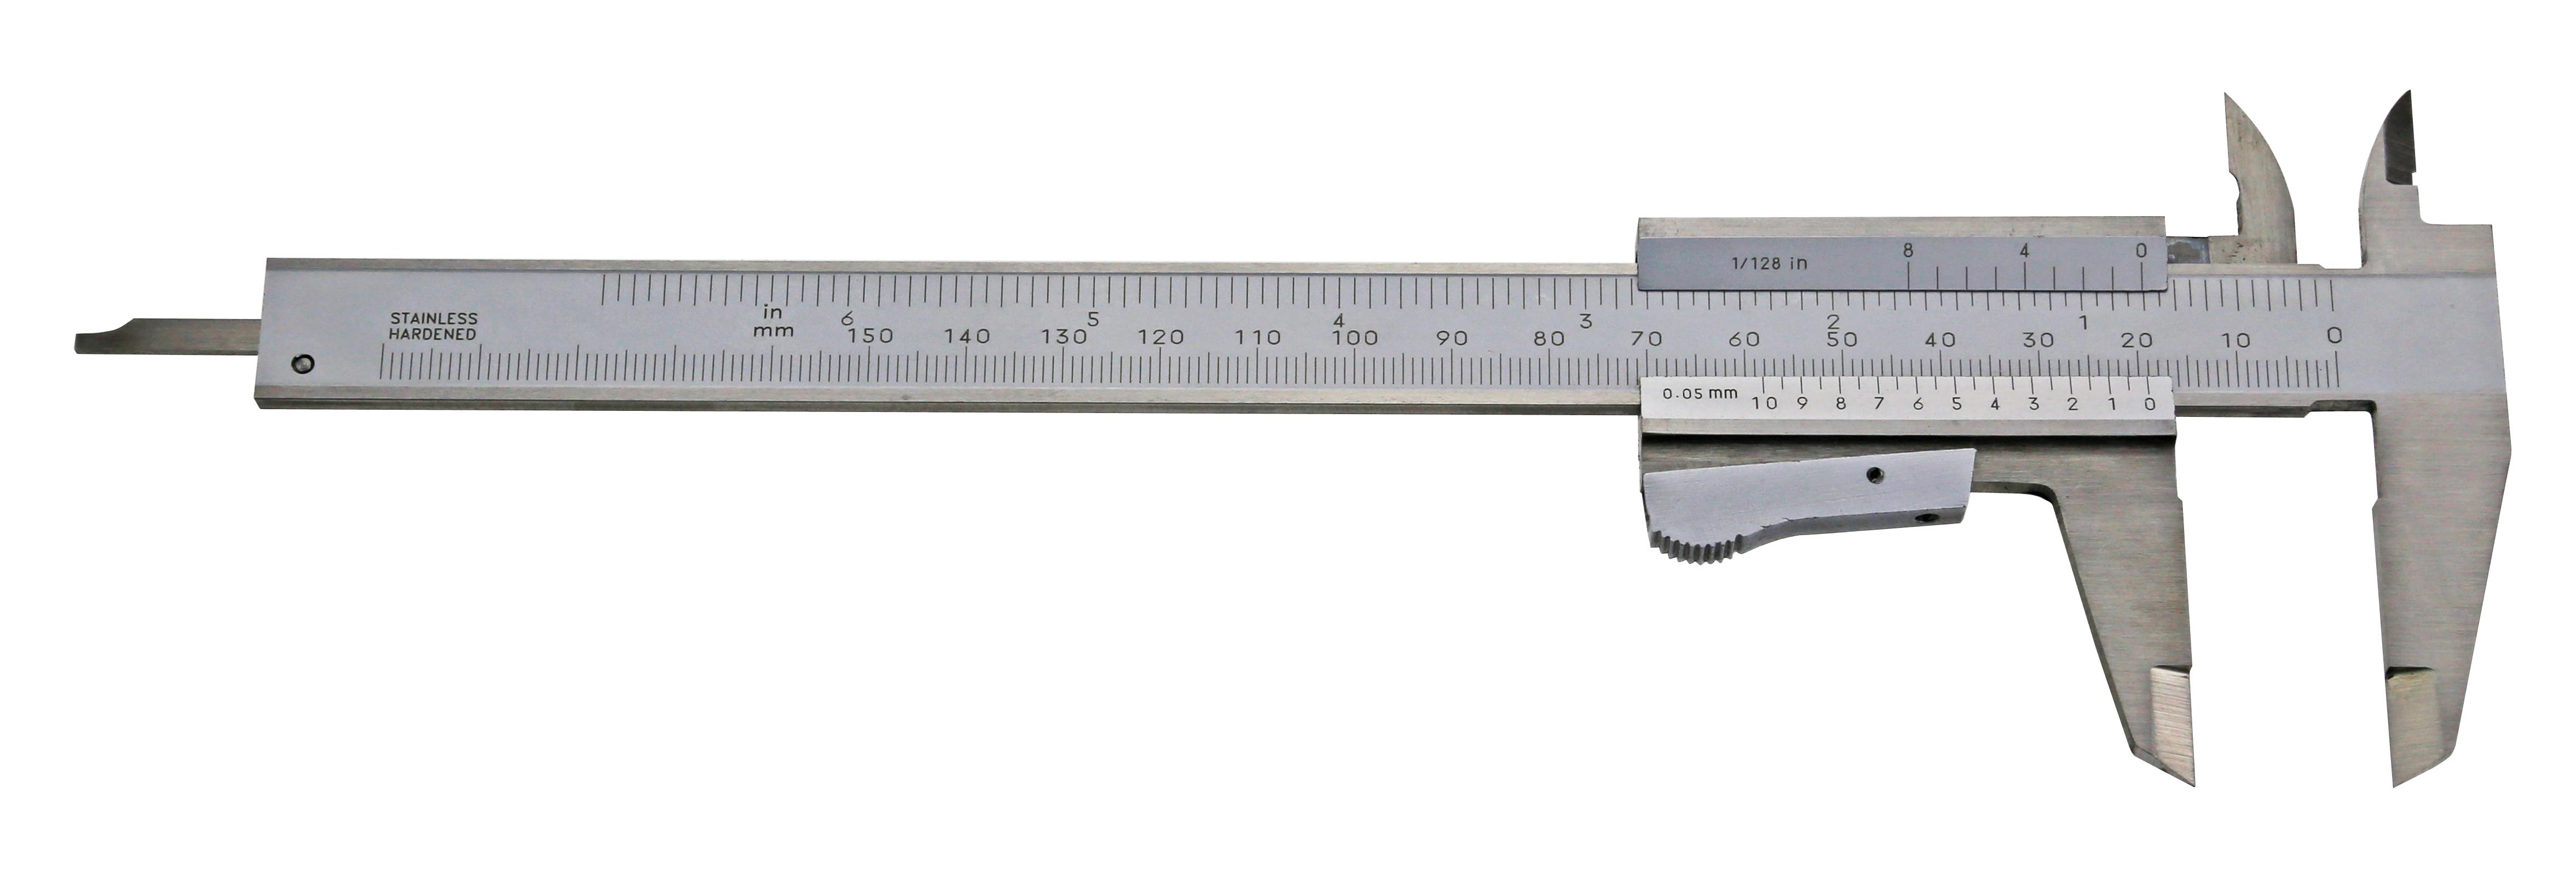 Taschen-Messschieber - rostfreier Stahl - für Linkshänder